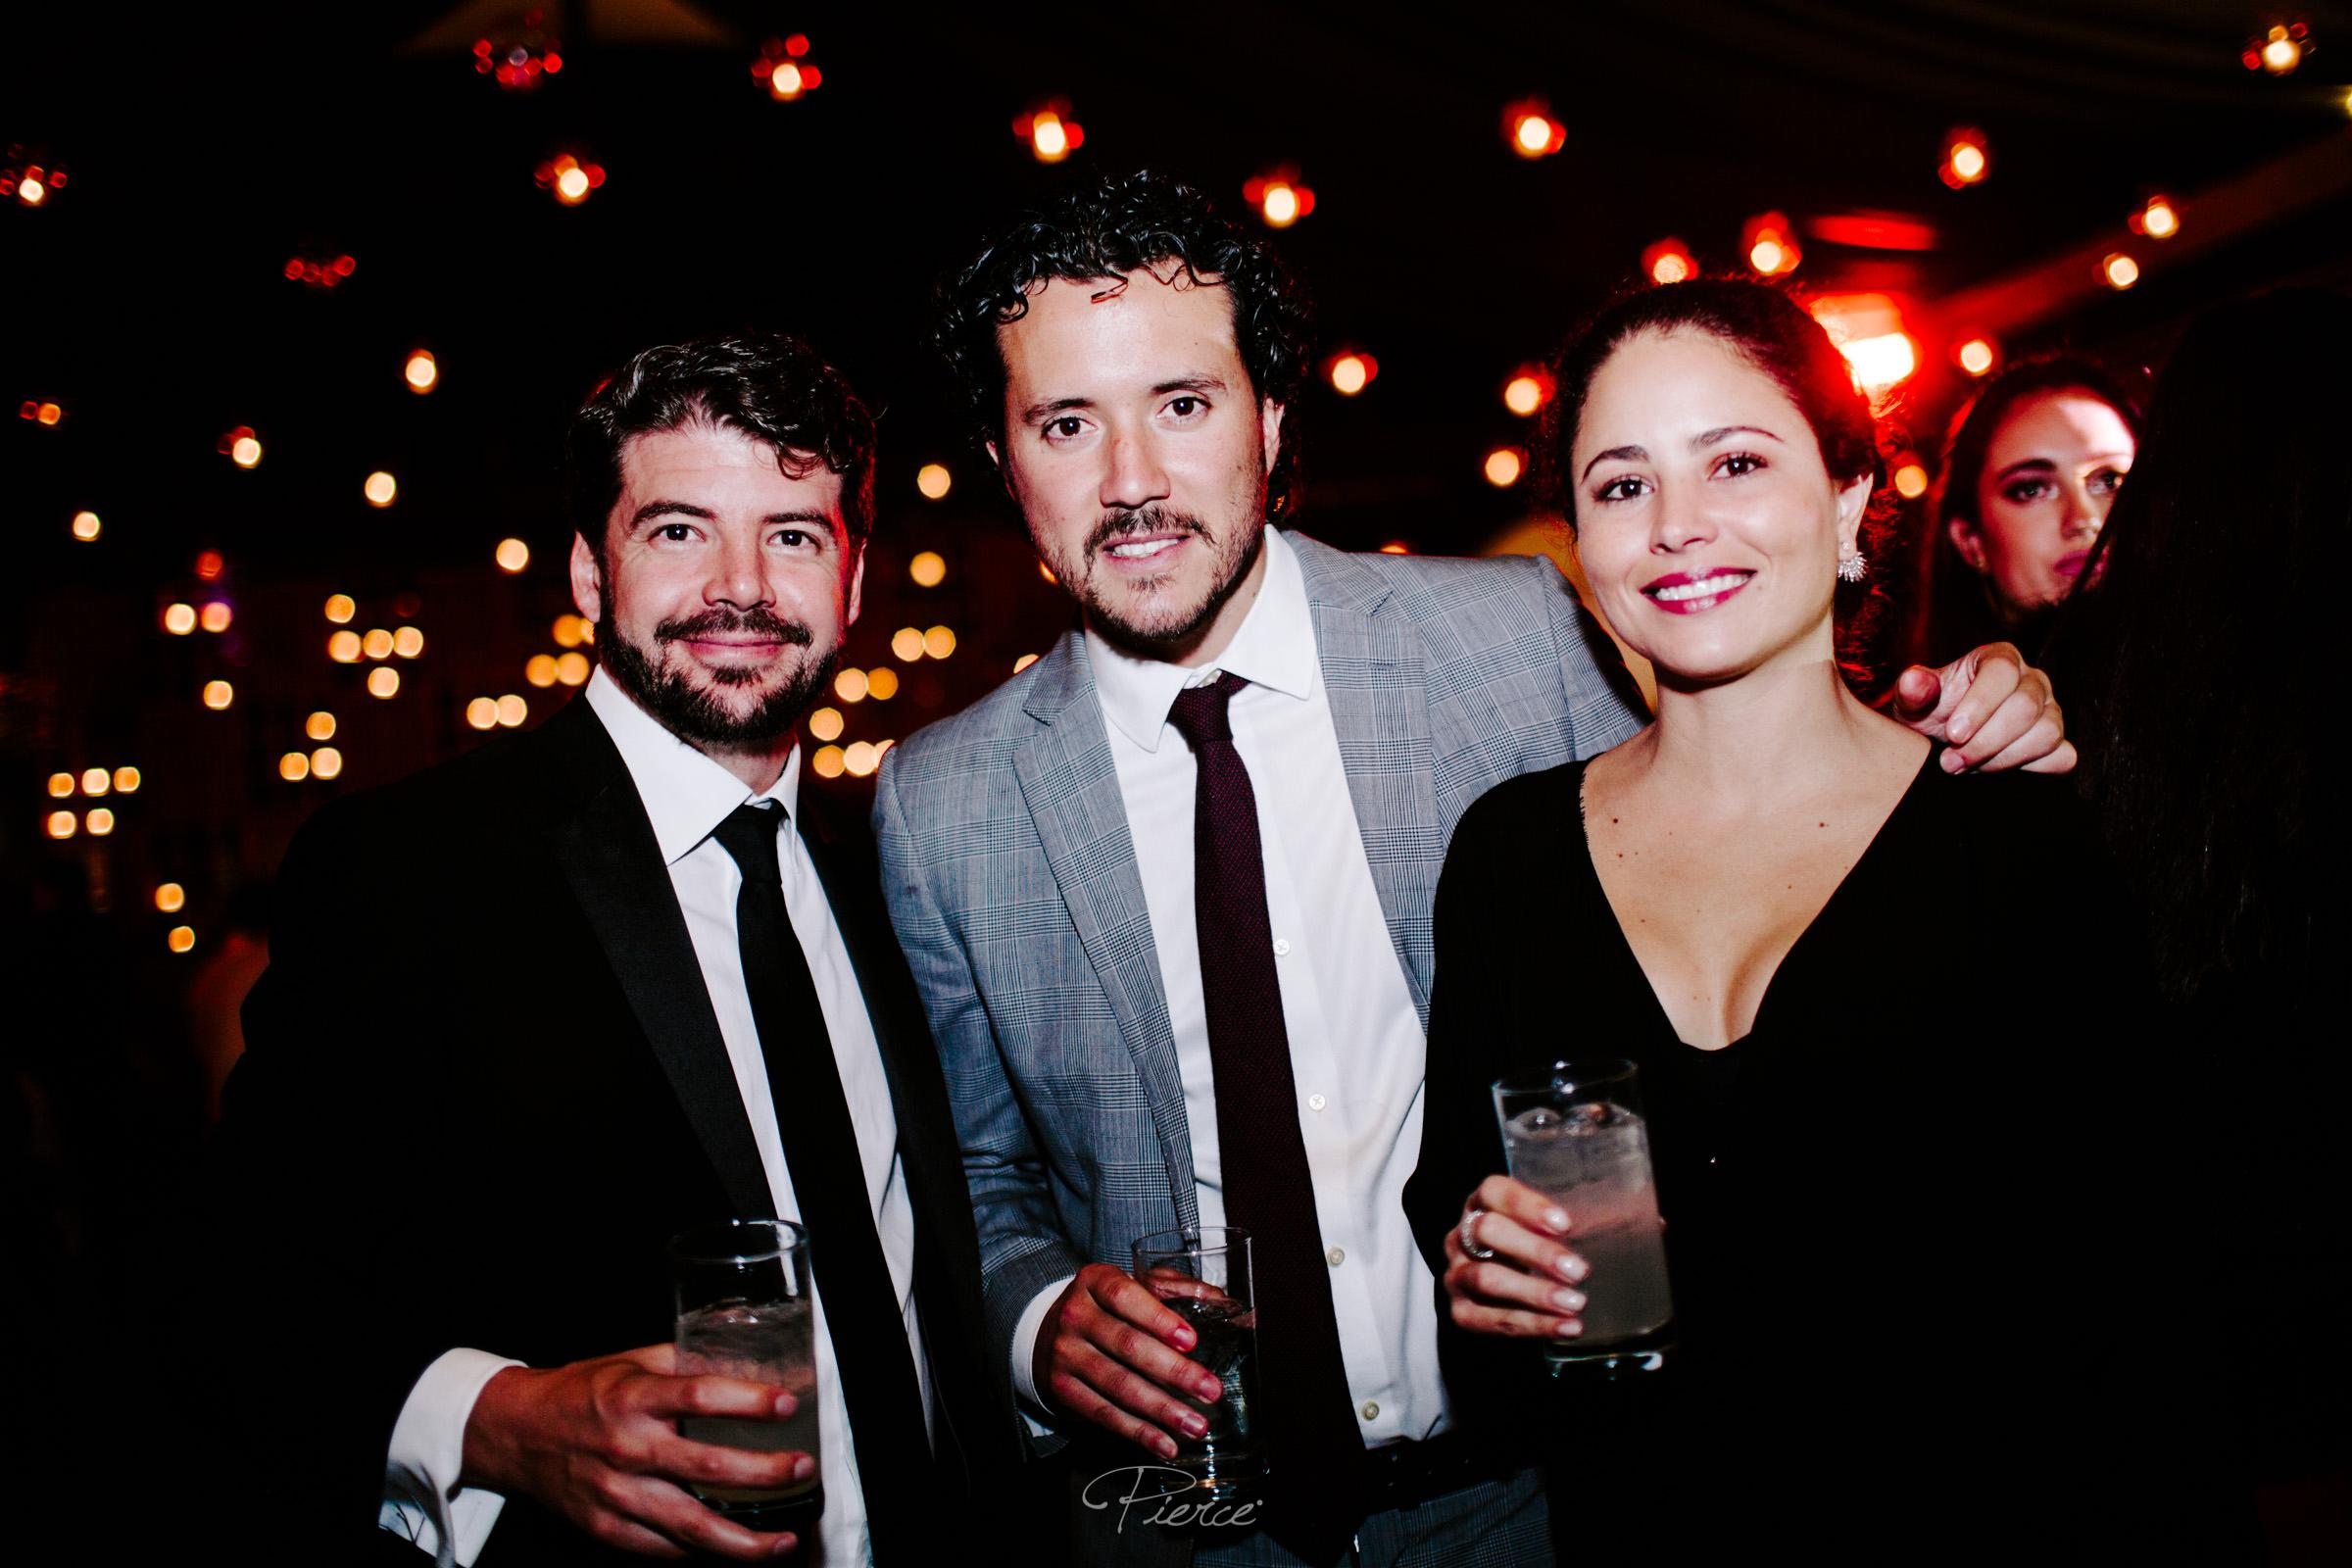 fotografia-de-boda-valle-de-bravo-mexico-rosmarino-pierce-weddings-0201.JPG